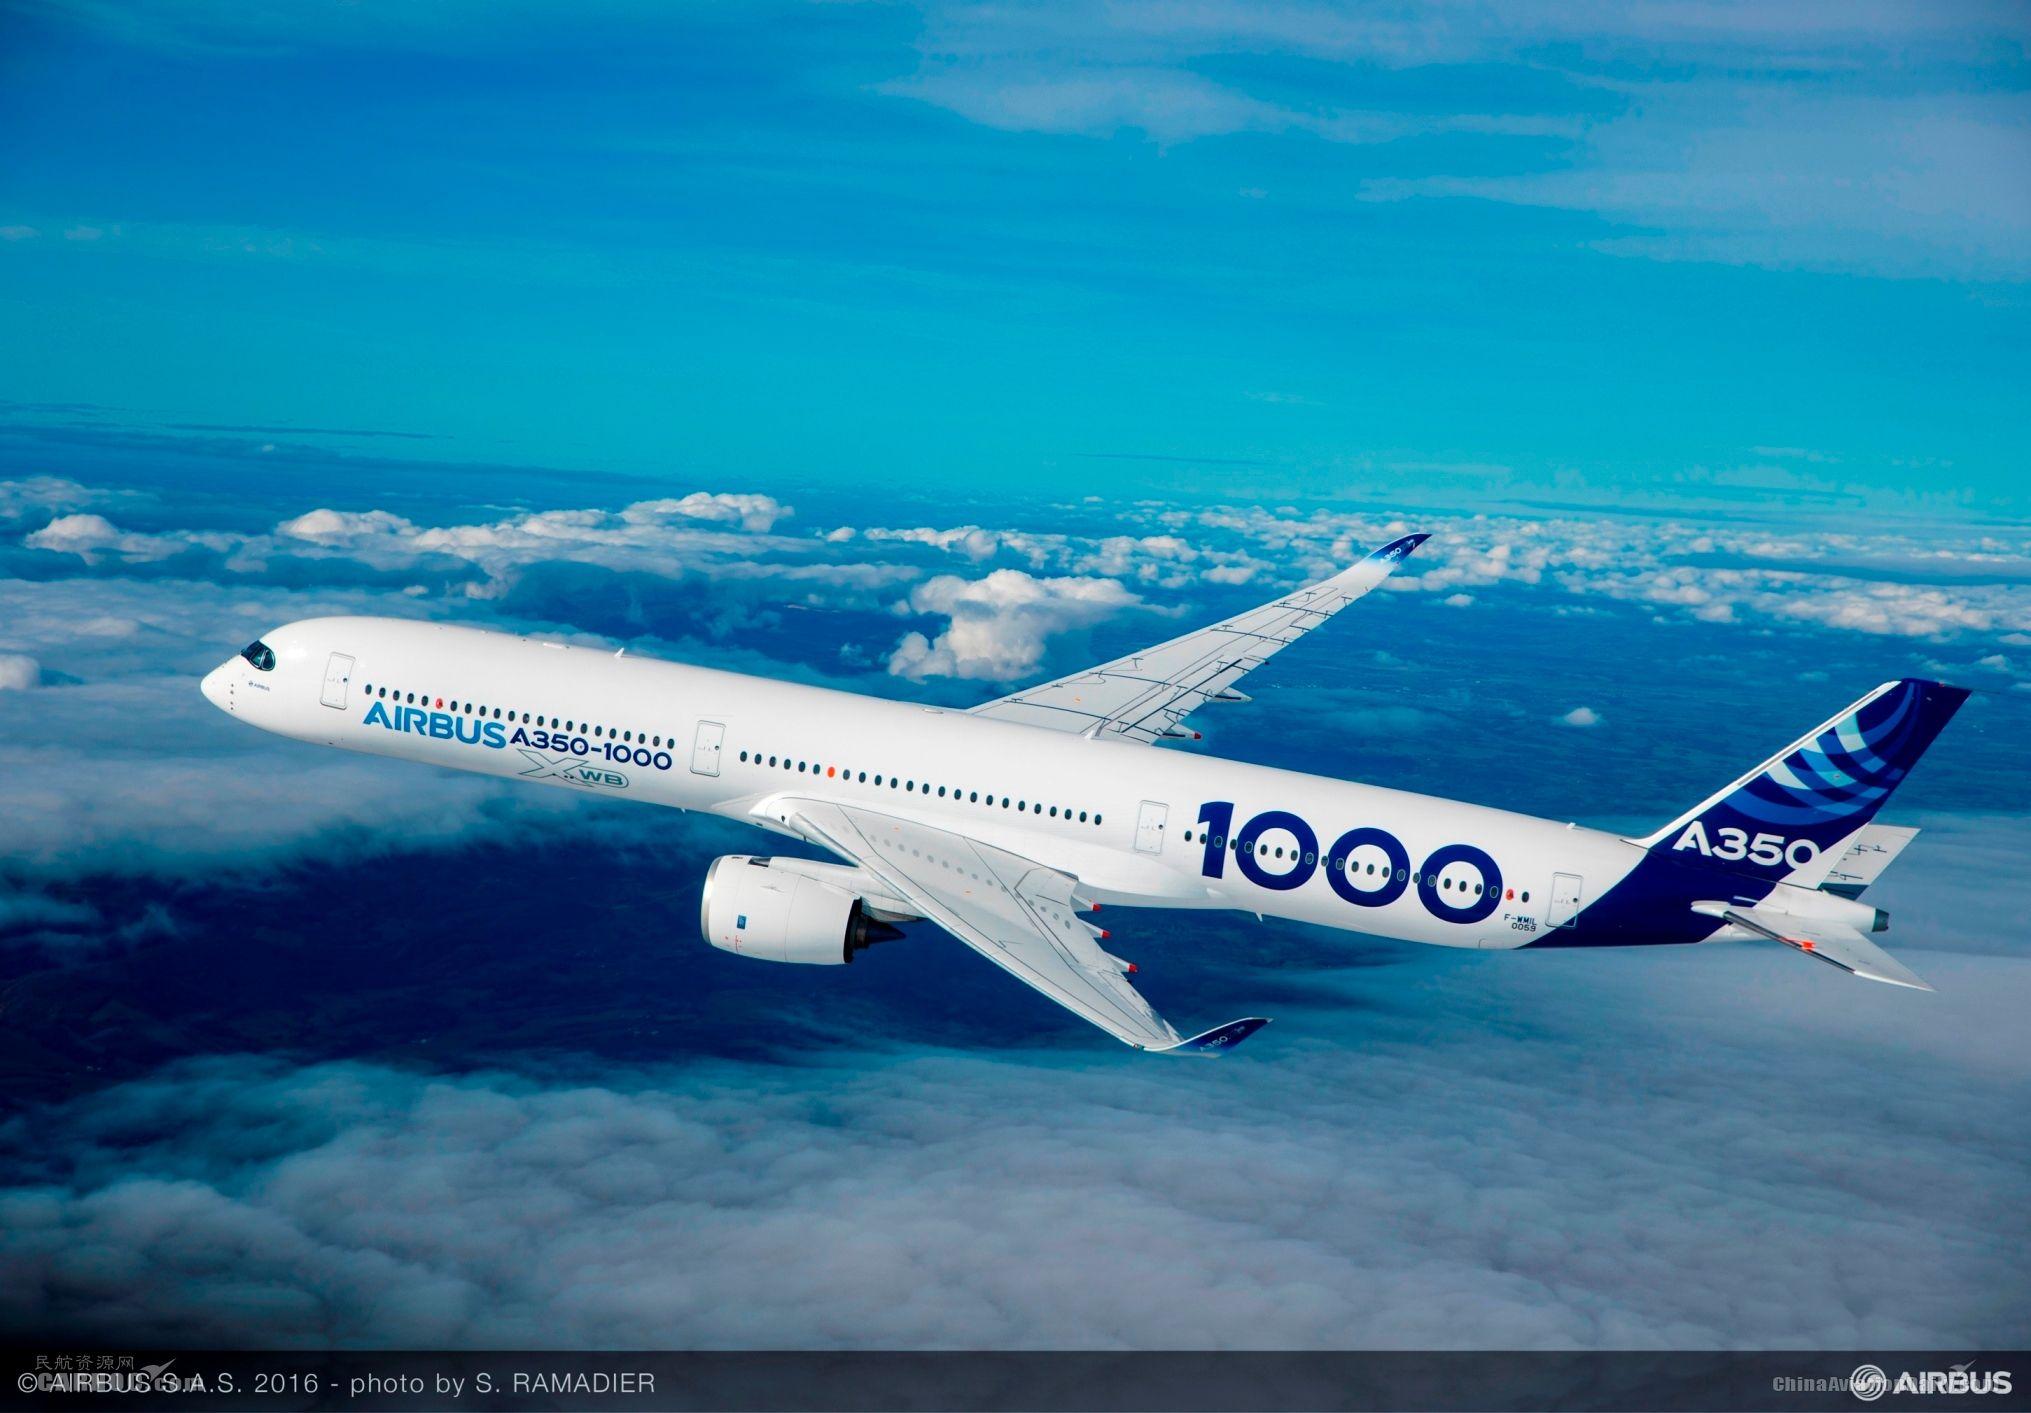 空客将携创新产品及服务参加2018范堡罗航展